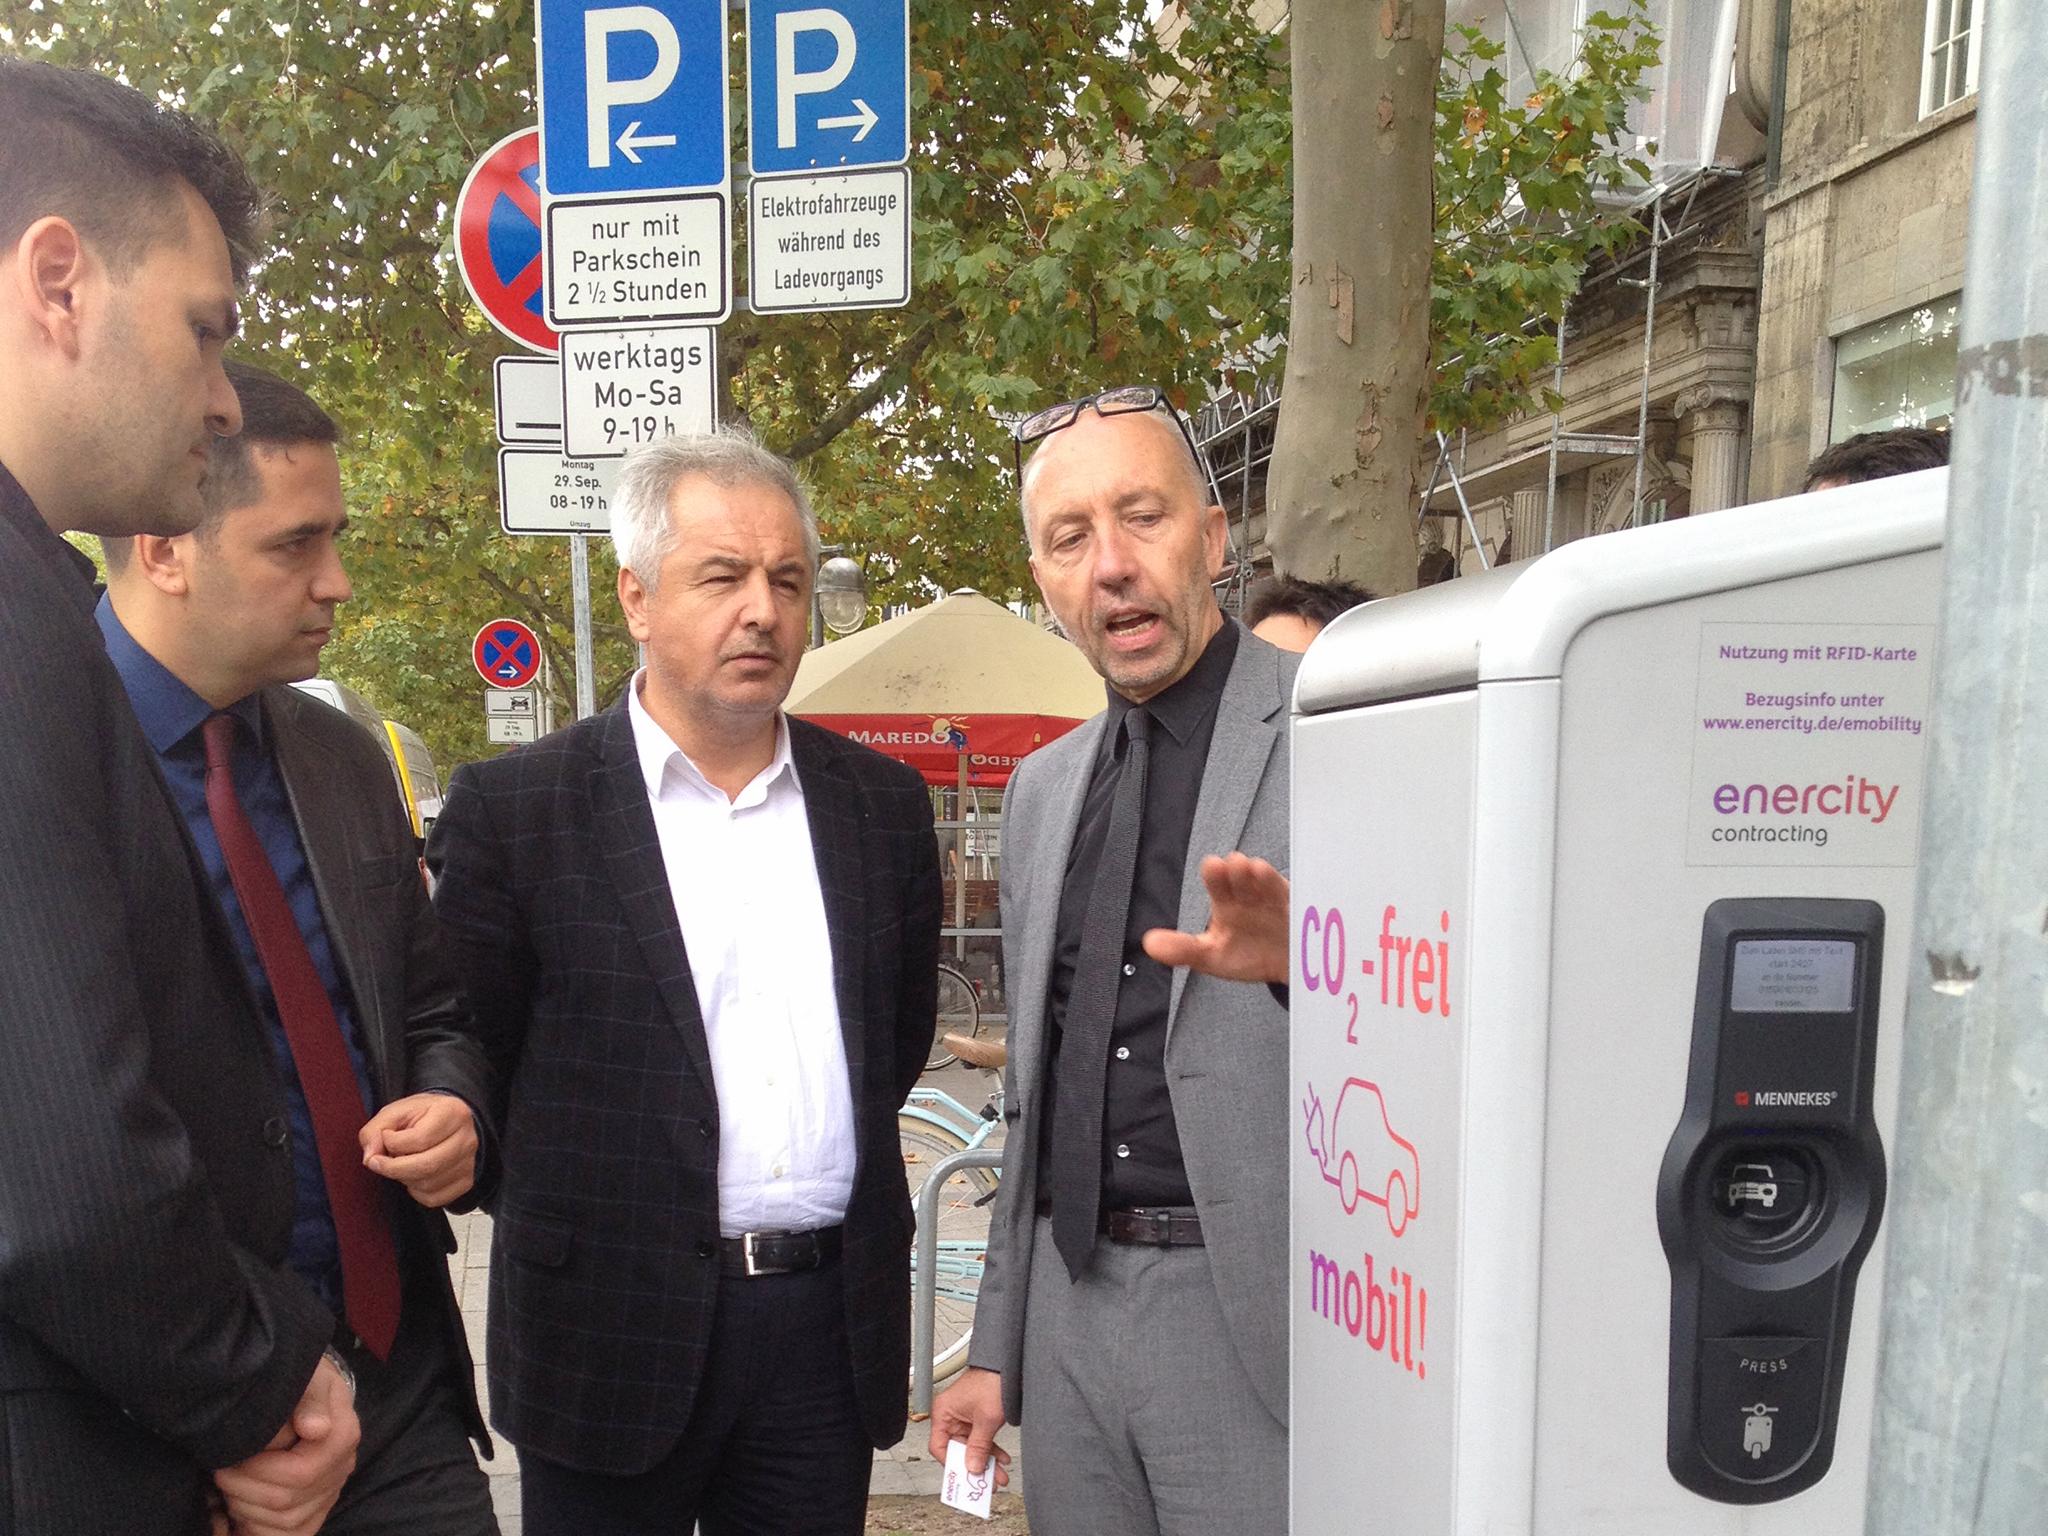 Eine Gruppe Männer steht an einer E-Auto-Ladesäule